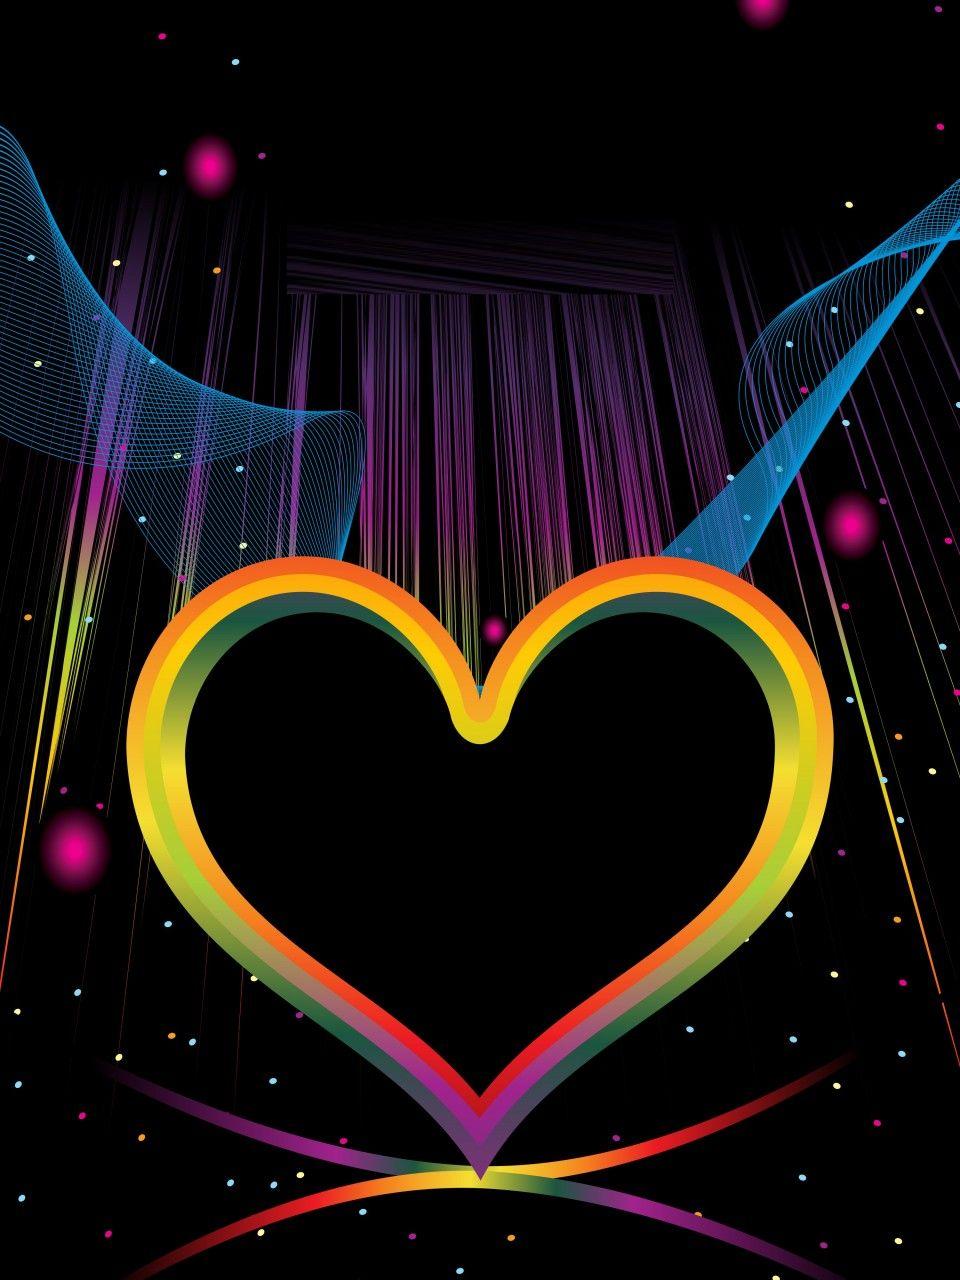 Colorful Hearts On Black Backgrounds Elsoar Heart Background Colorful Heart Heart Wallpaper